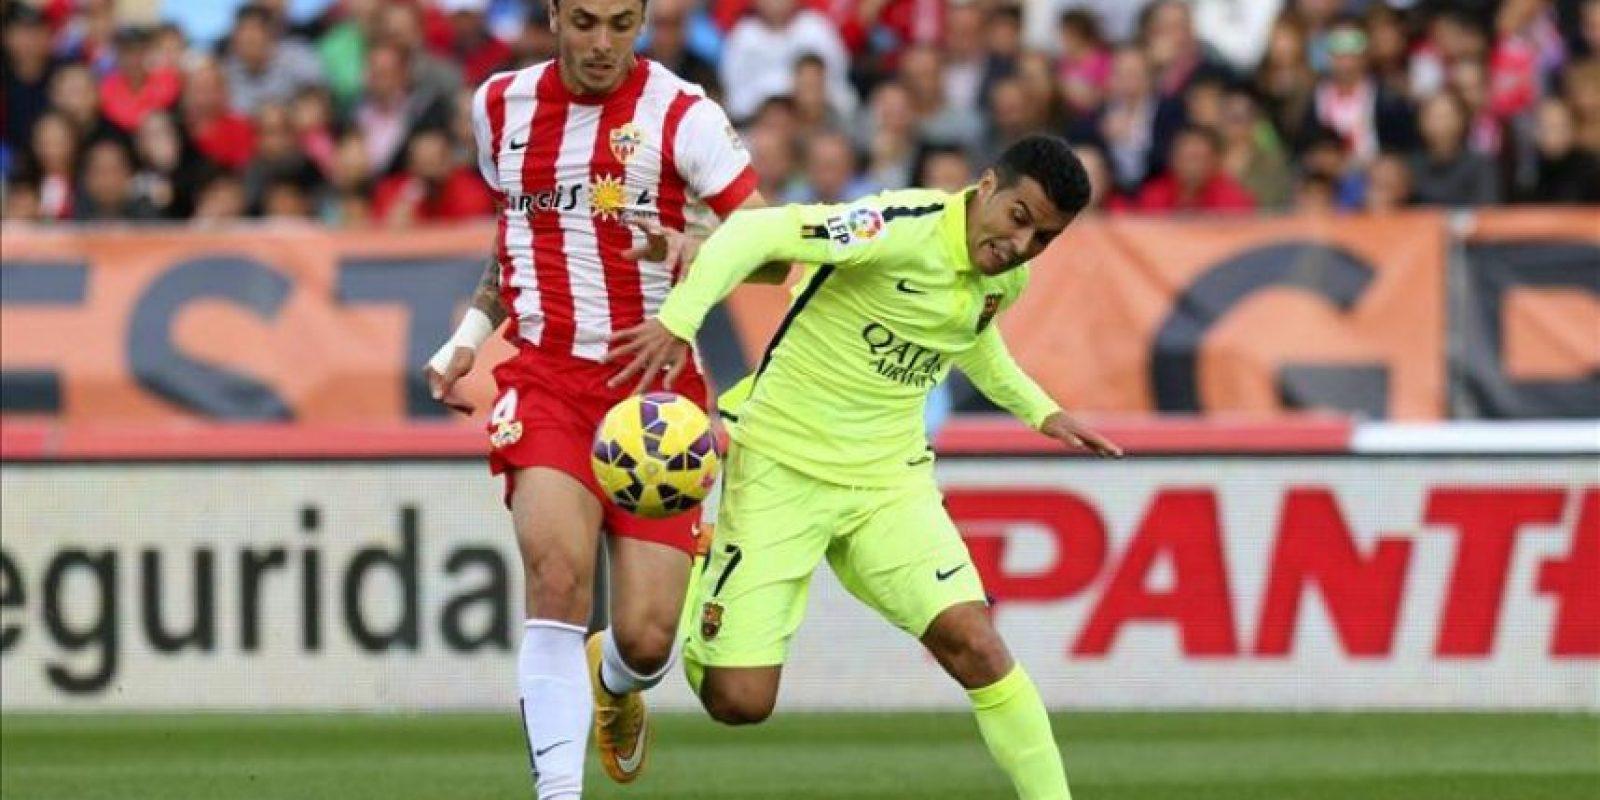 El delantero del FC Barcelona Pedro Rodríguez (d) y el defensa del Almería Joaquín Navarro (i), durante el partido correspondiente a la undécima jornada de Liga de Primera División que disputaron en el estadio de los juegos Mediterraneos de Almería. EFE